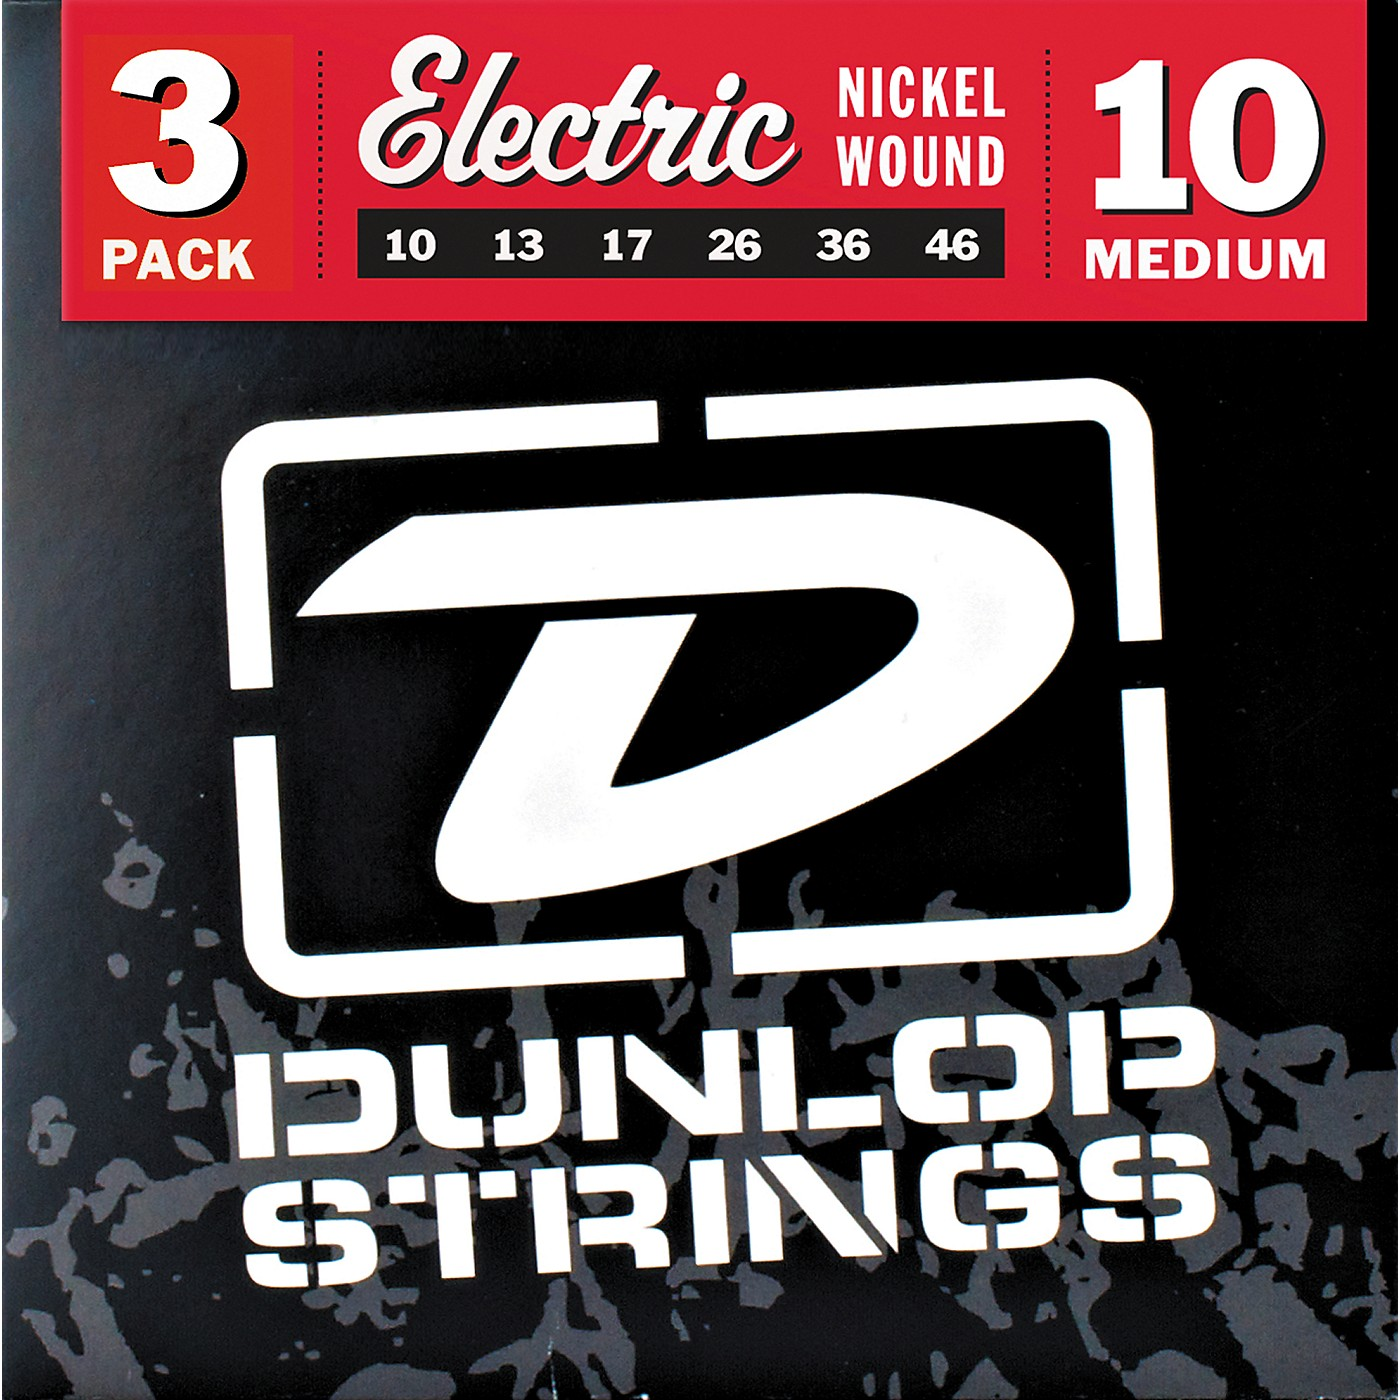 Dunlop Nickel Plated Steel Electric Guitar Strings Medium 3-Pack thumbnail